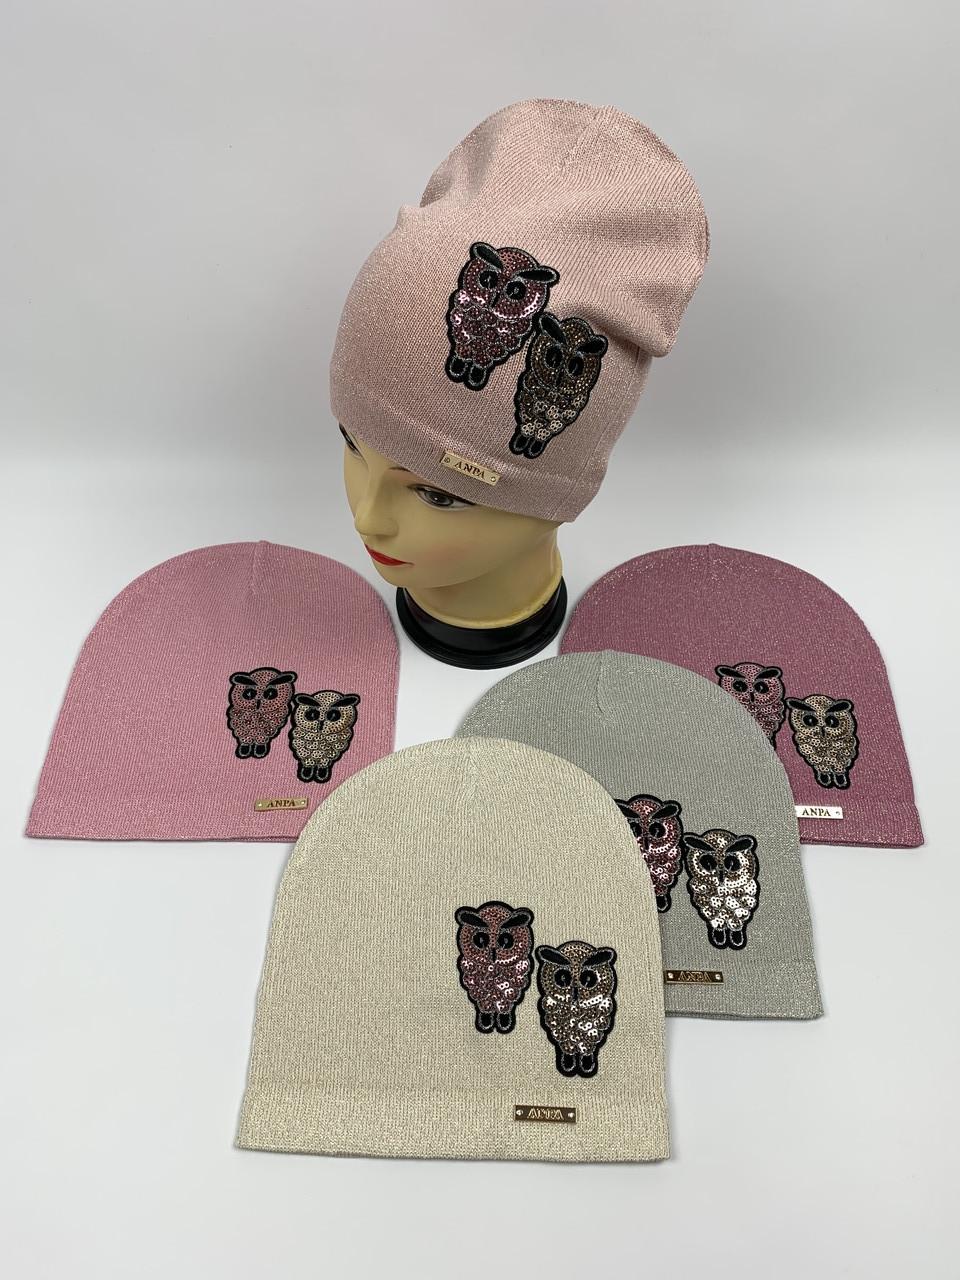 Детские демисезонные вязаные шапки для девочек оптом, р.48-50, ANPA (m47)